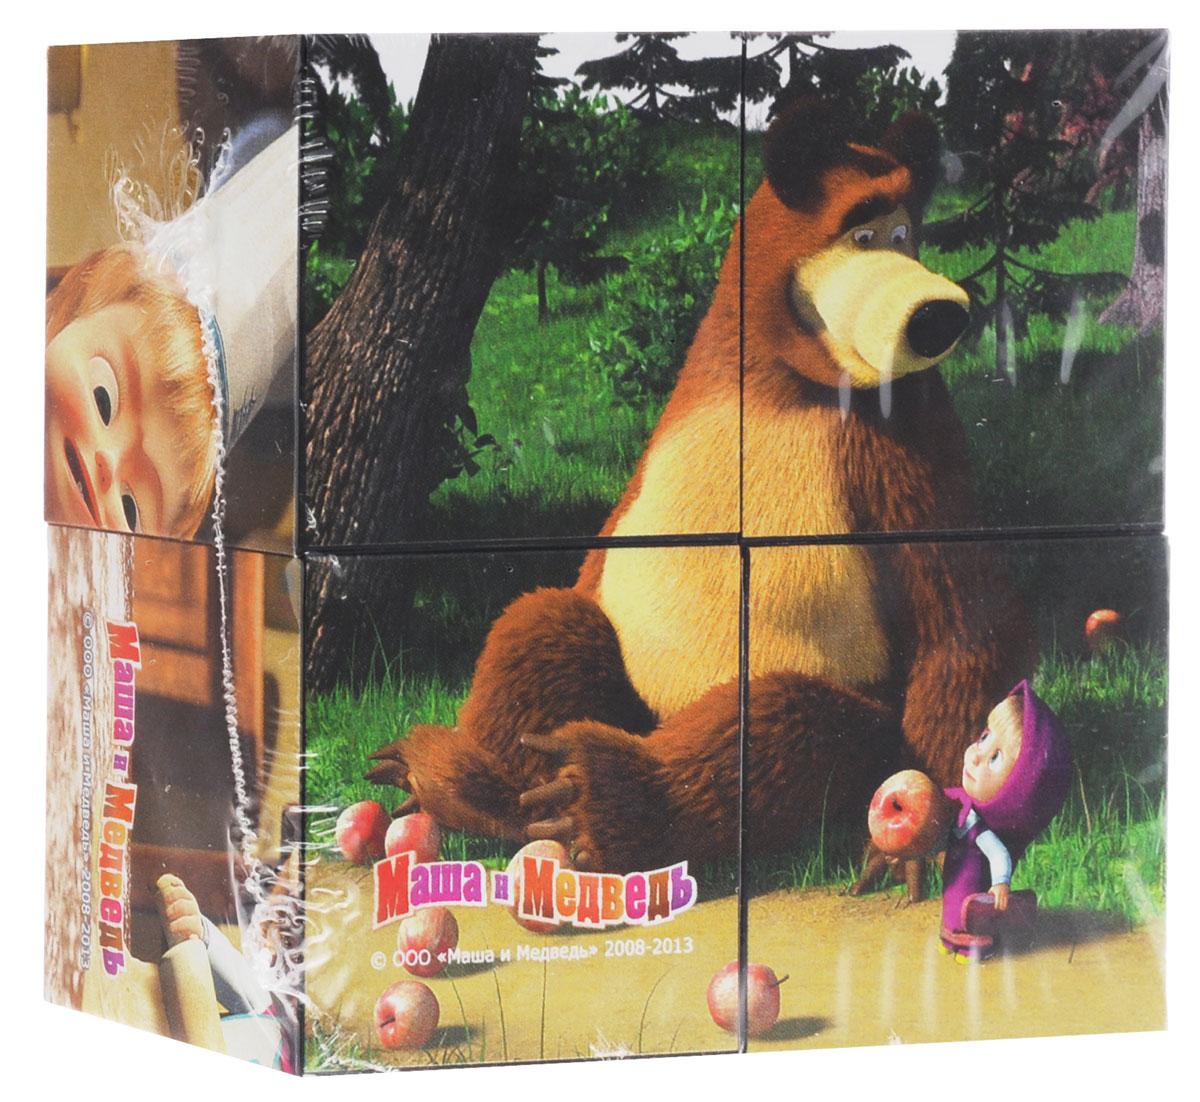 Step Puzzle Кубики Маша и Медведь Яблоки87132_яблокиС помощью четырех кубиков Step Puzzle Маша и Медведь: Яблоки ребенок сможет собрать целых шесть красочных картинок с изображением героев из одноименного мультфильма. Игра с кубиками развивает зрительное восприятие, наблюдательность и внимание, мелкую моторику рук и произвольные движения. Ребенок научится складывать целостный образ из частей, определять недостающие детали изображения. Это прекрасный комплект для развлечения и времяпрепровождения с пользой для малыша.